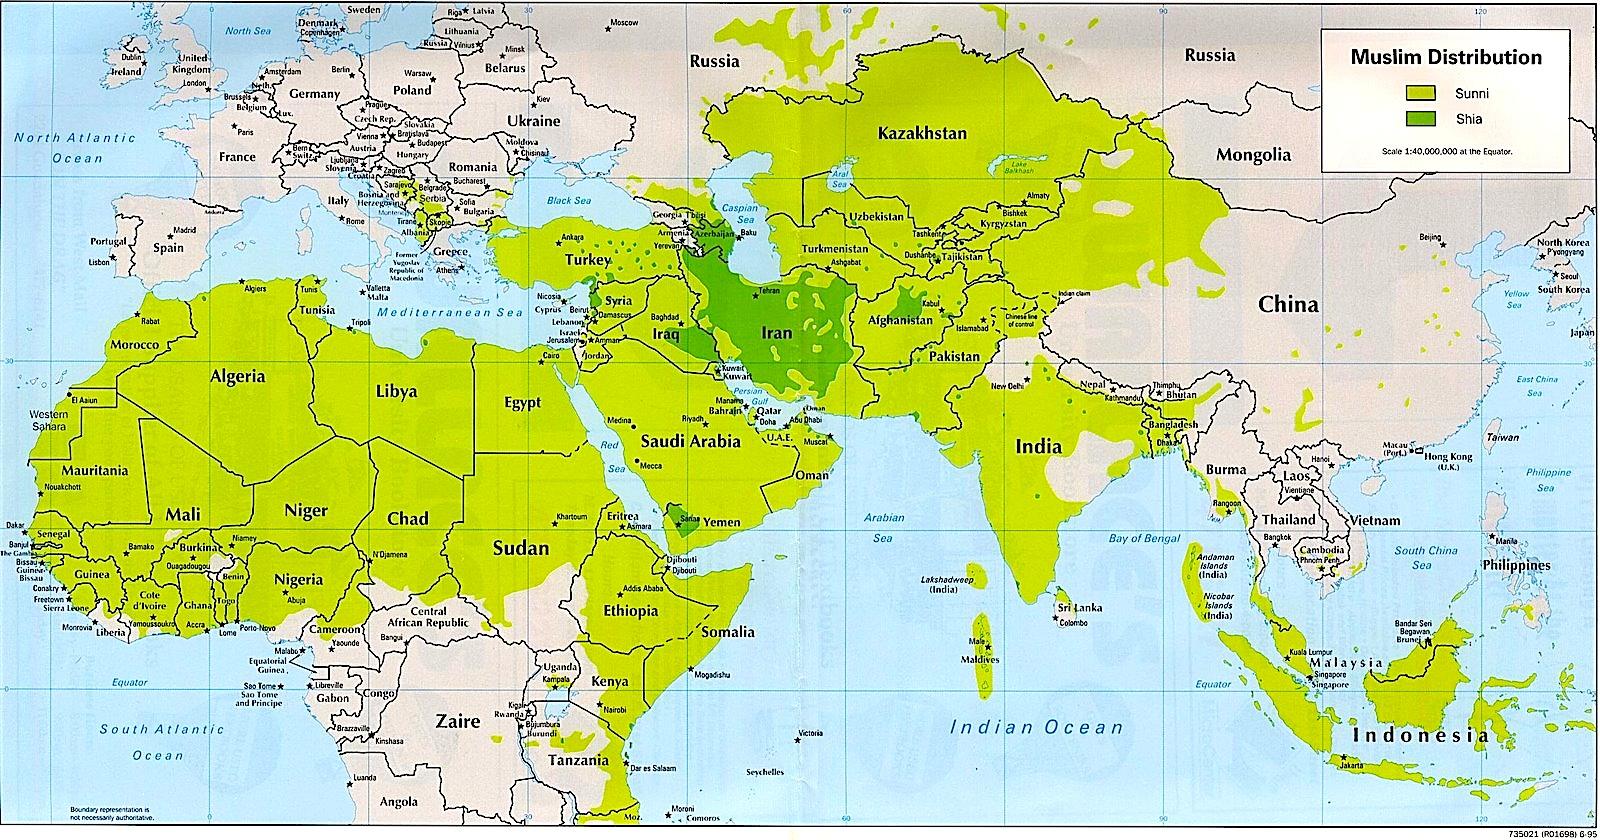 Cartina Del Mondo Con Le Diverse Religioni.Il Mondo In Cui Viviamo Islam Un Po Di Chiarezza La Lampadina Periodiche Illuminazioni